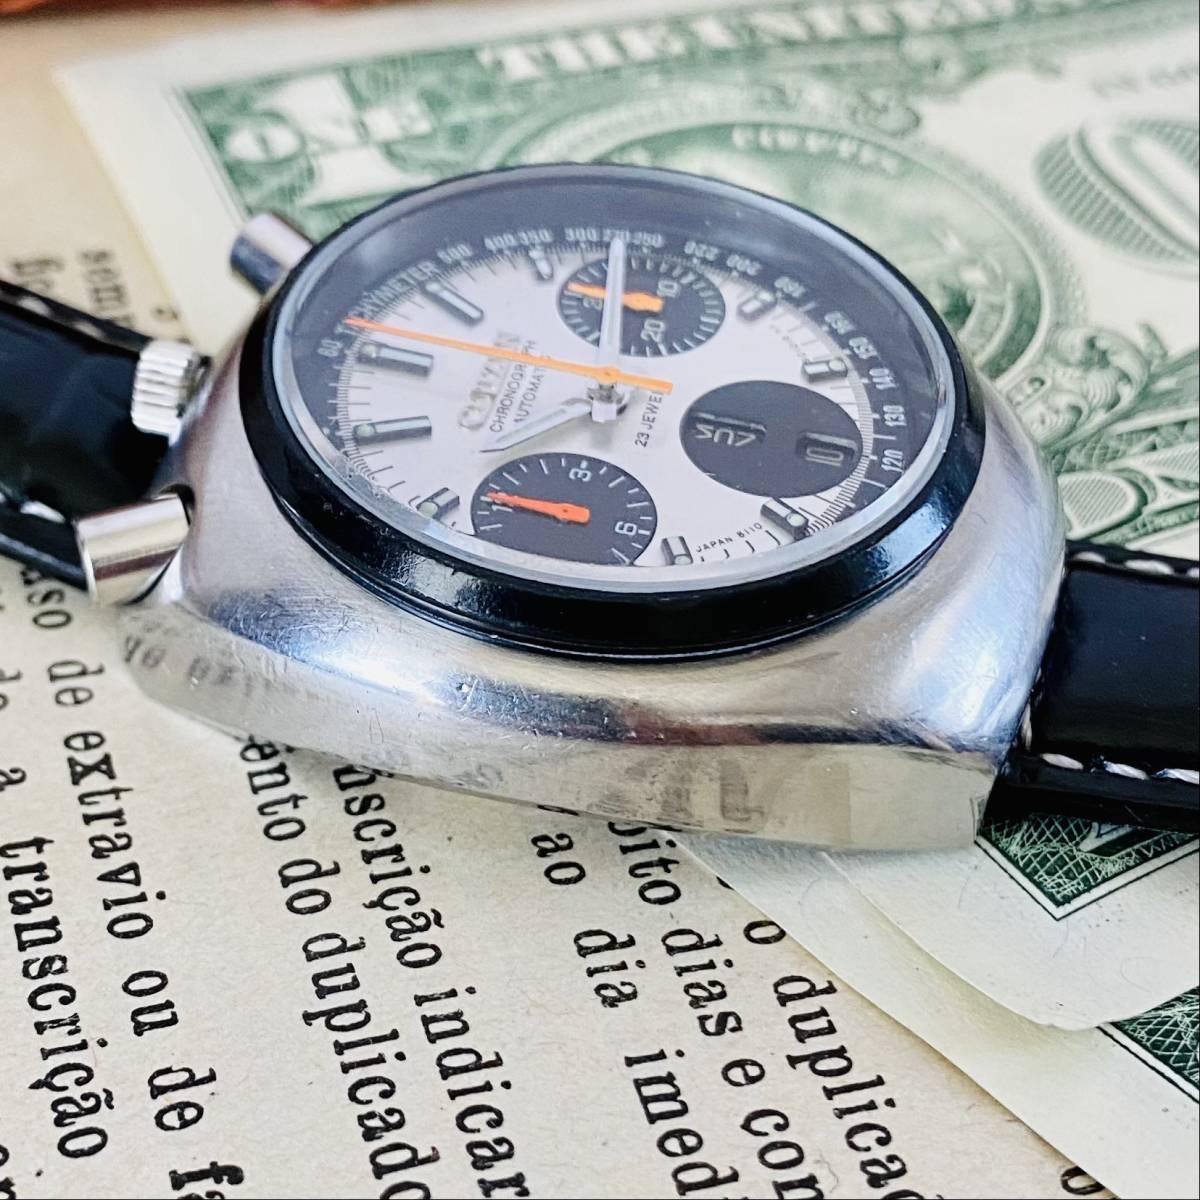 【高級腕時計 シチズン】CITIZEN 8110A クロノグラフ 自動巻 1979年 デイデイト ツノ メンズ レディース アナログ パンダ チャレンジ_画像6